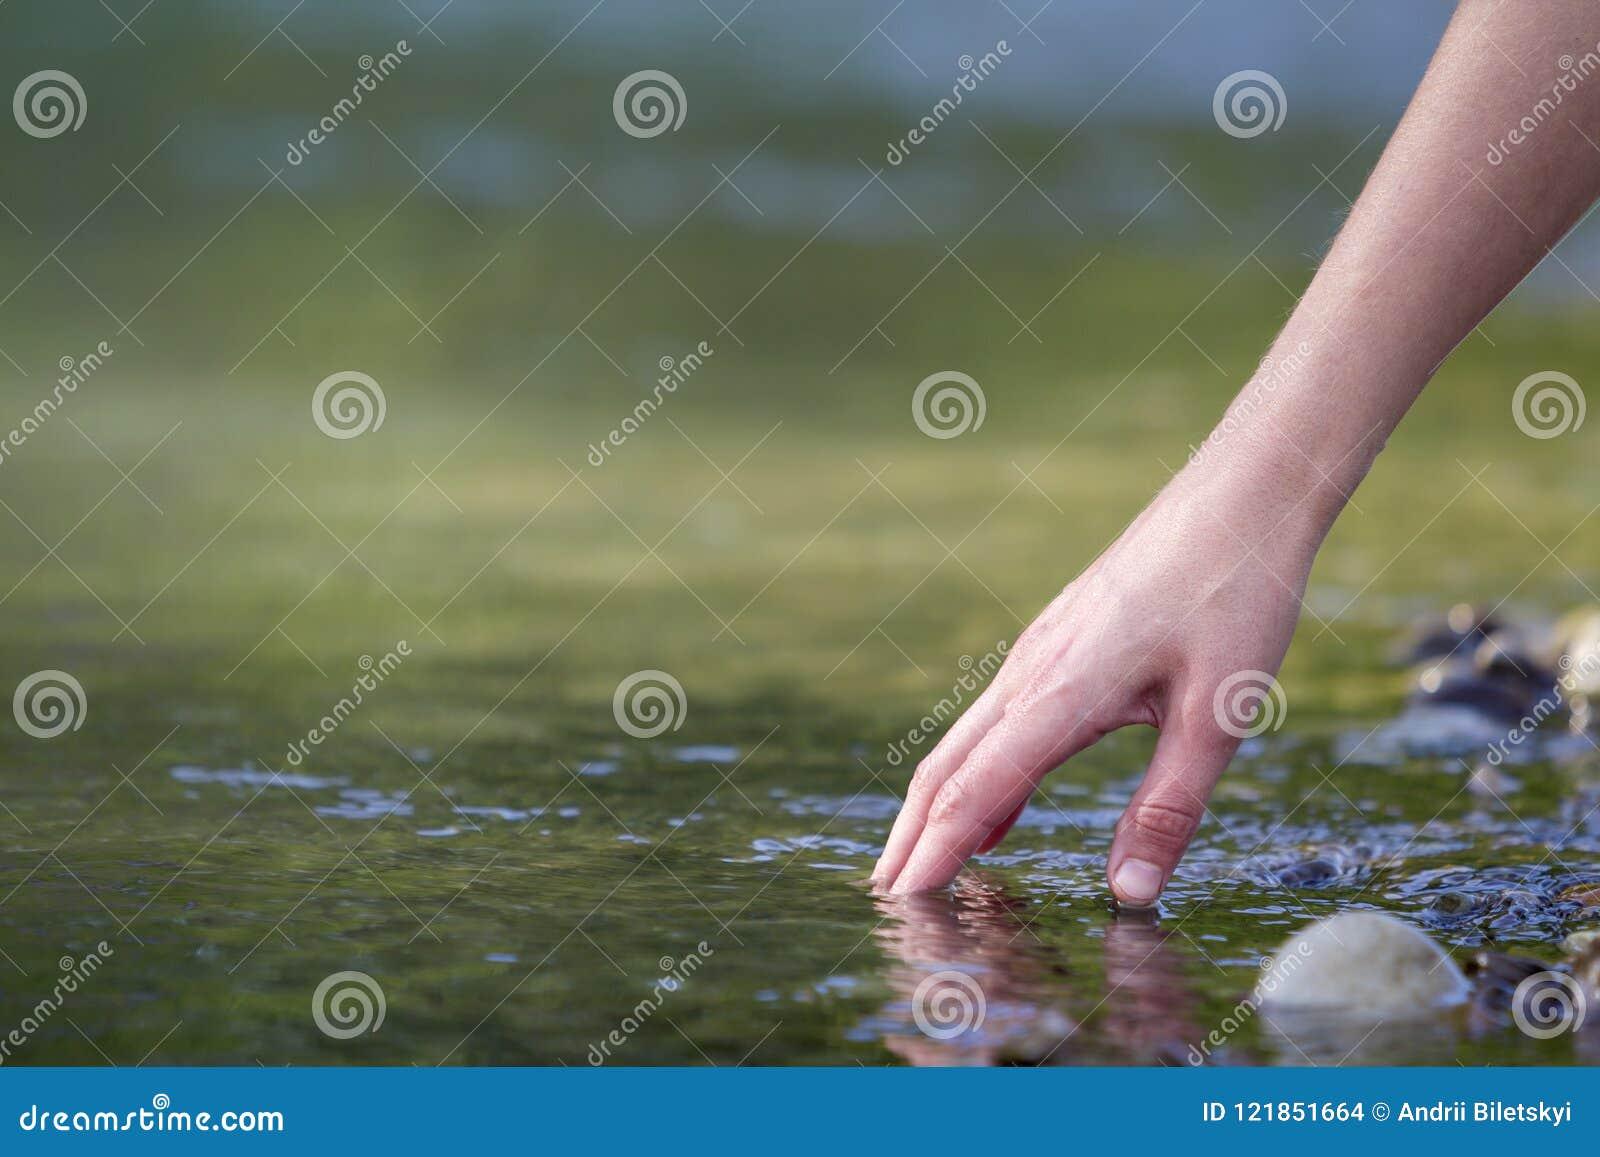 Zakończenie piękna białej kobiety ręka tenderly dotyka, scoopi